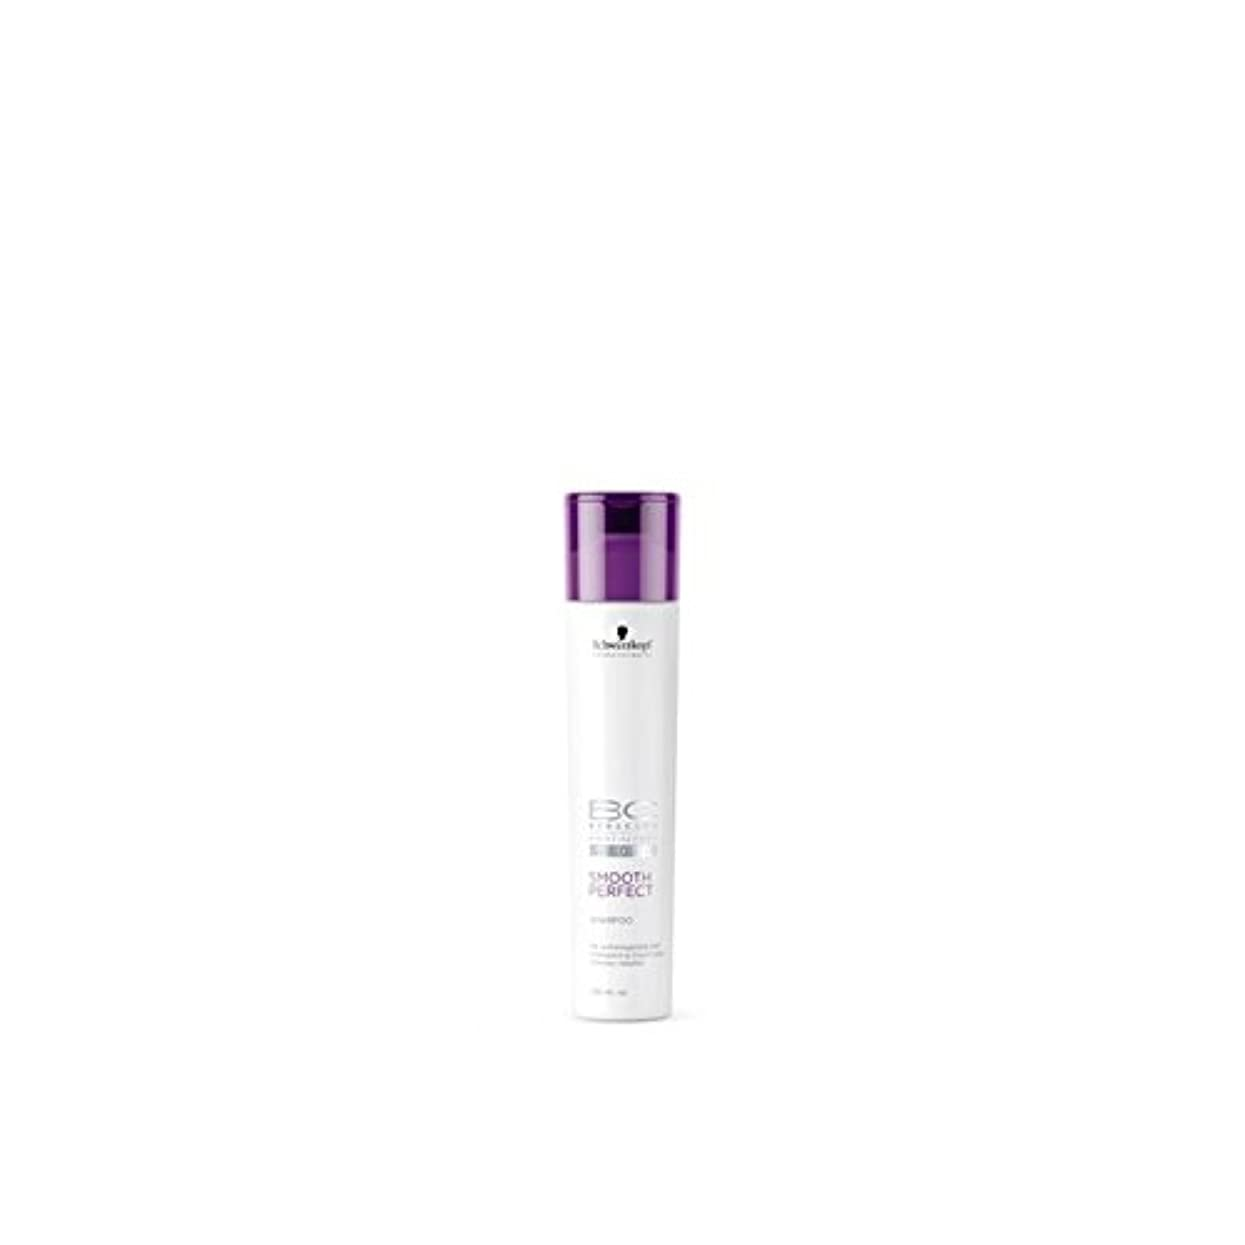 愛人トラップ墓地なめらかな完璧なシャンプー(250ミリリットル)シュワルツコフ x2 - Schwarzkopf Bc Smooth Perfect Shampoo (250ml) (Pack of 2) [並行輸入品]